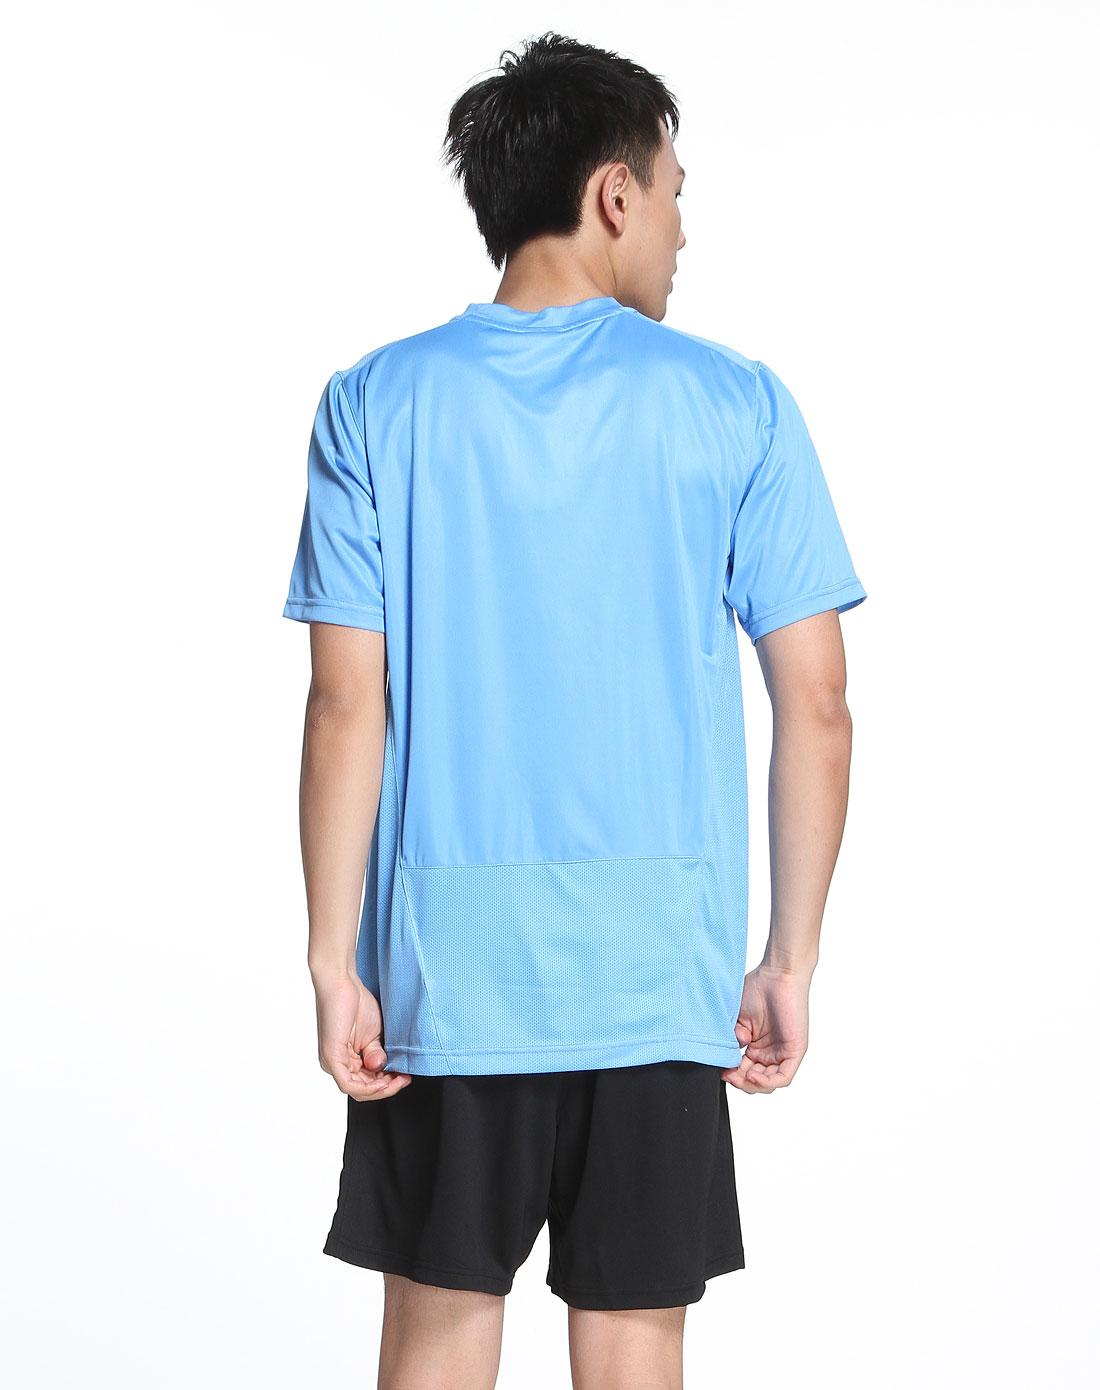 耐克nike男款绣logo简约天蓝色短袖t恤329362-412